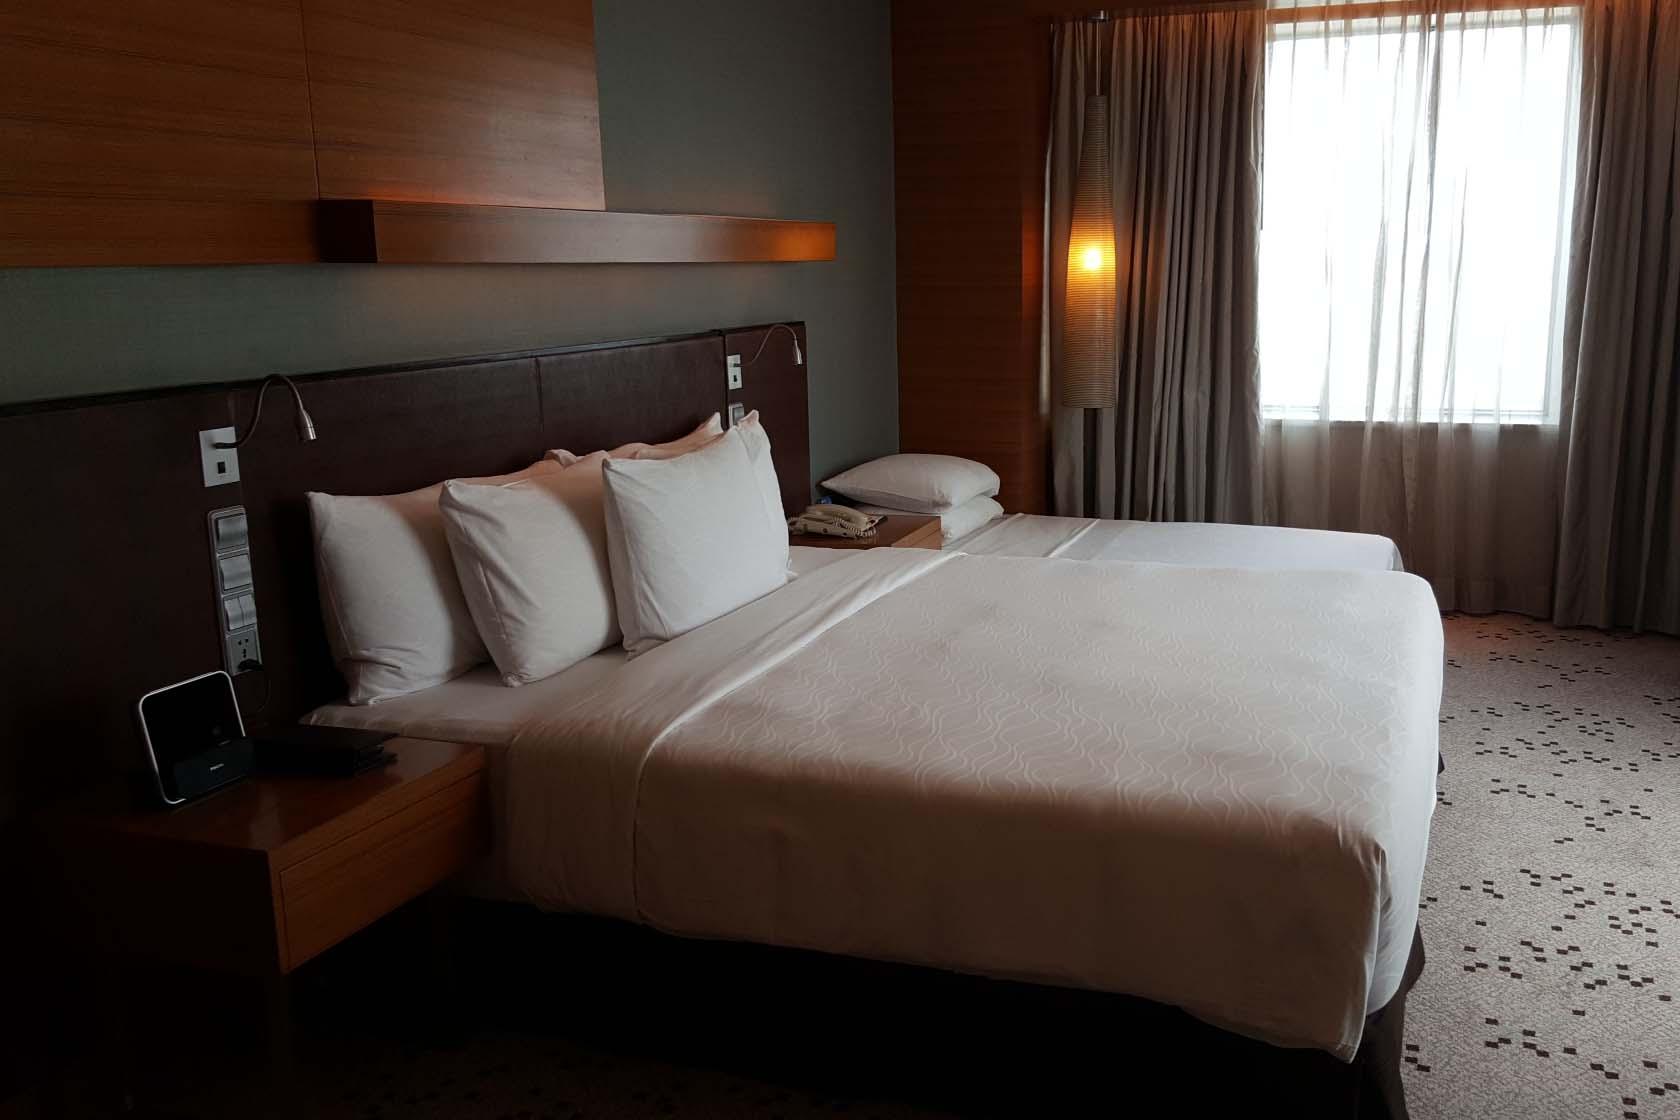 ラディソン・ブル・ホテル&リゾーツ エグゼクティブスイート(イメージ)